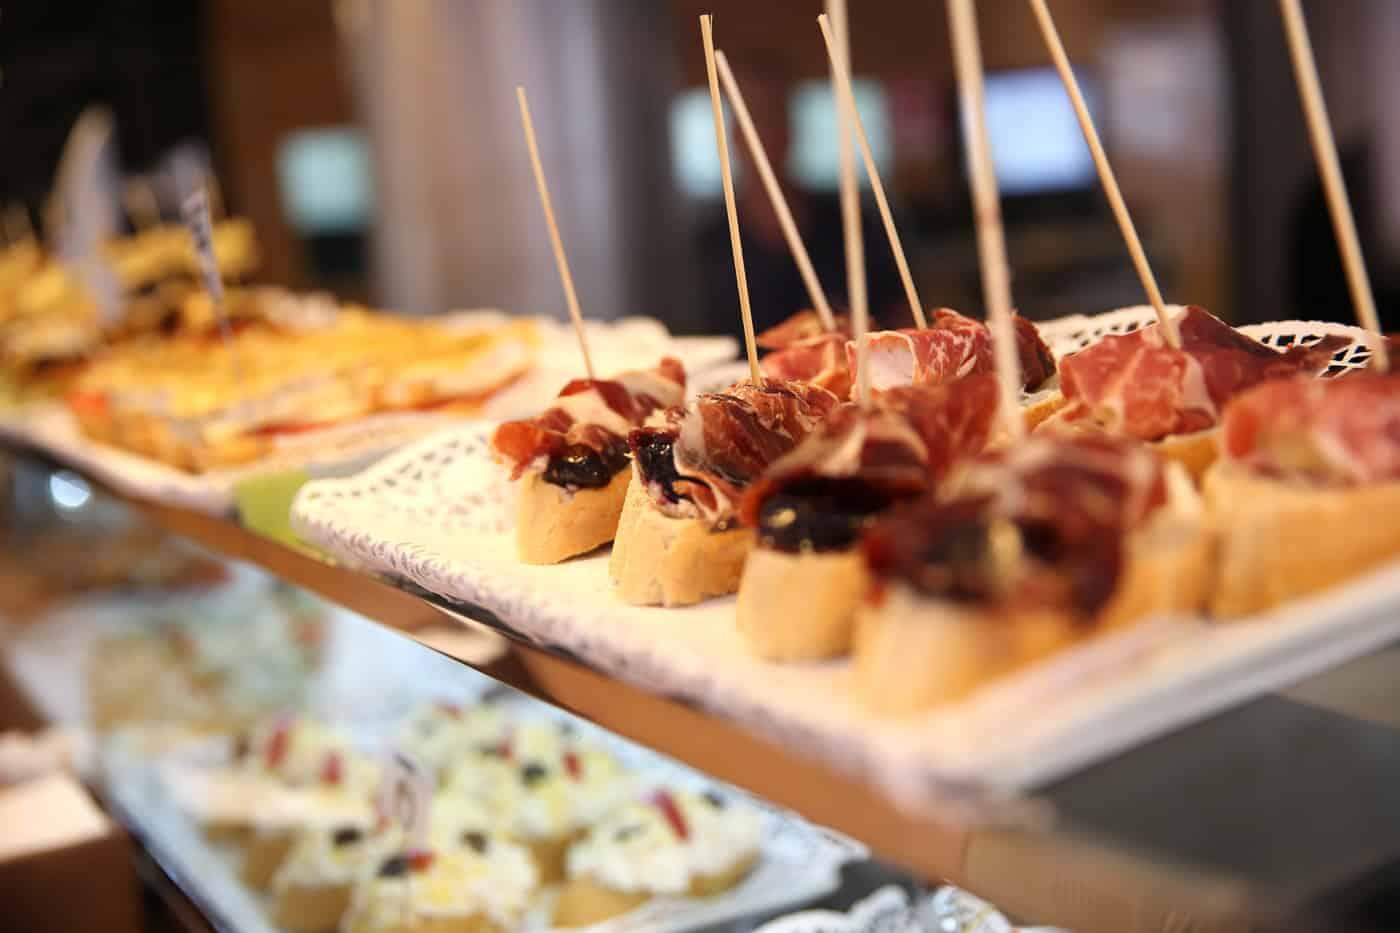 Spain travel tips for eating